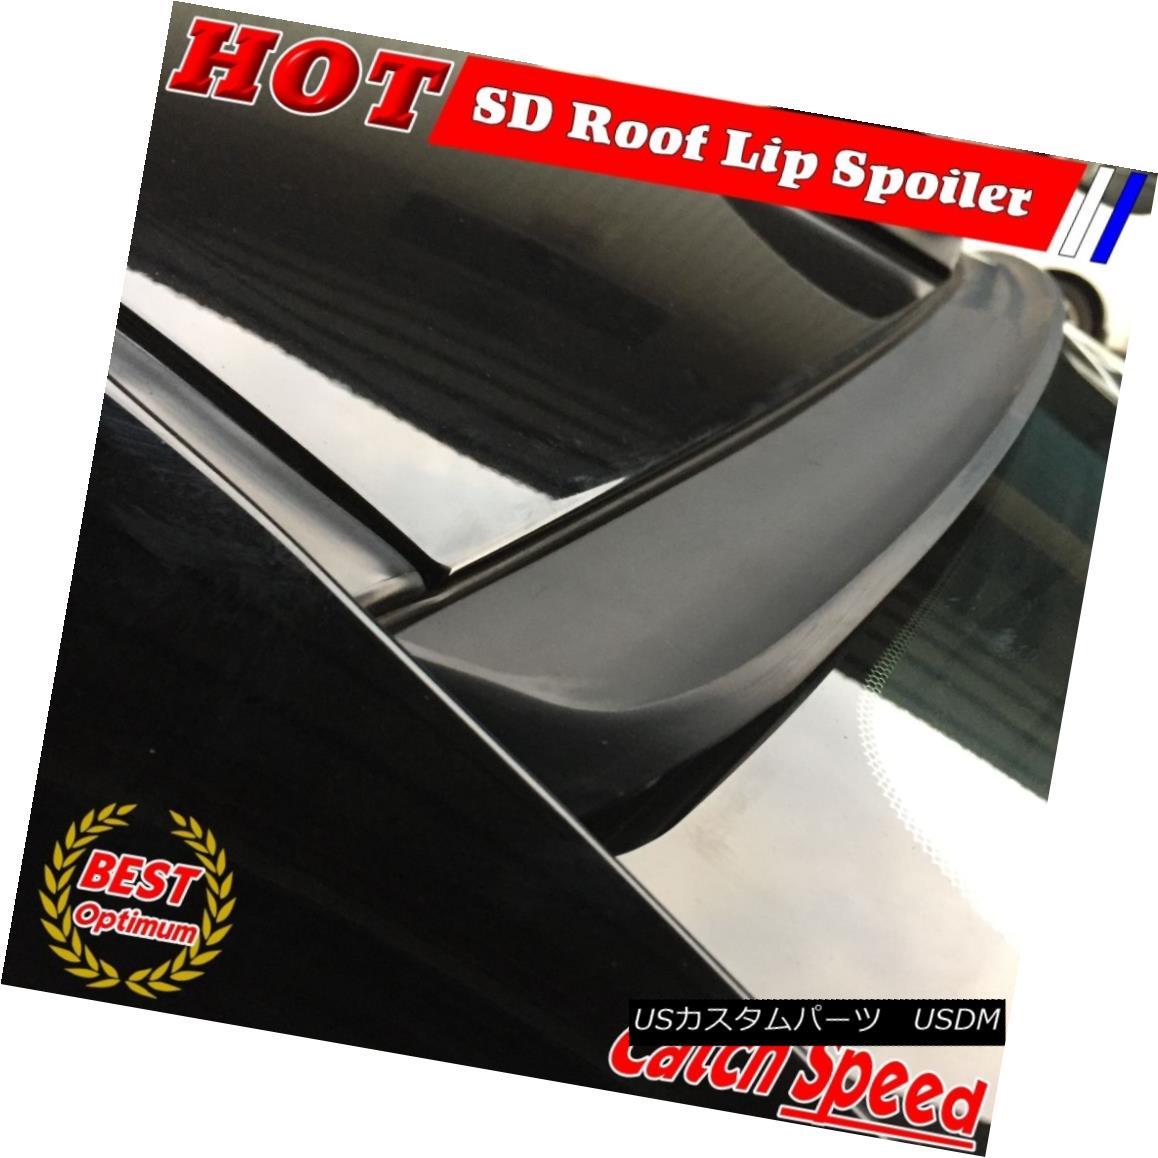 エアロパーツ Painted SD Type Rear Roof Spoiler Wing For Cadillac STS SEDAN 2008~2011 キャデラックSTS SEDAN 2008用塗装済みSDタイプリアルーフスポイラーウイング